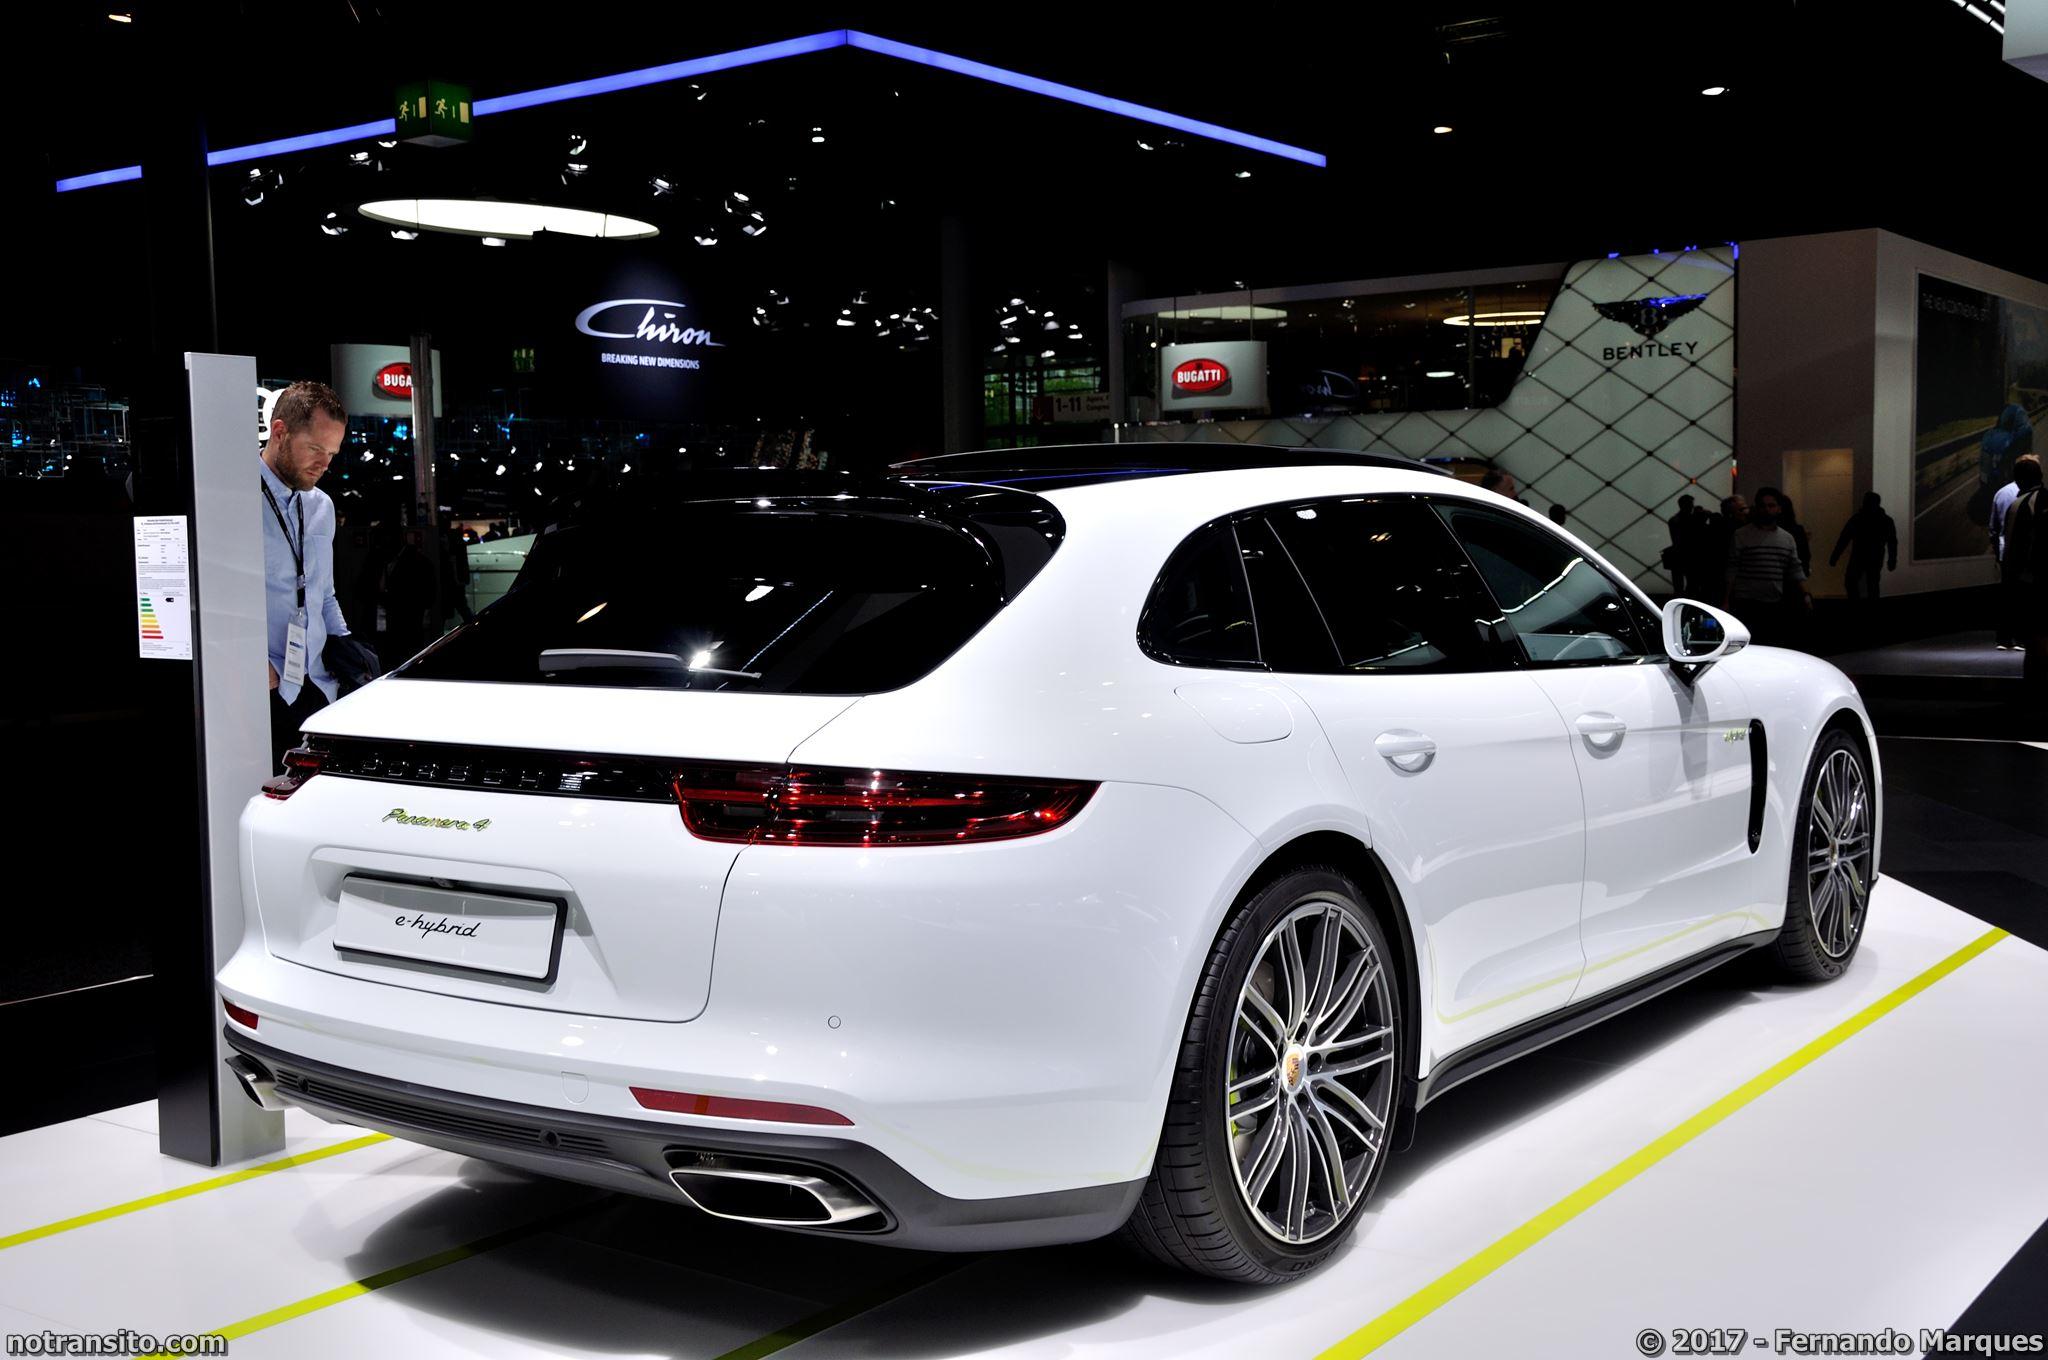 Estande-Porsche-Frankfurt-2017-010